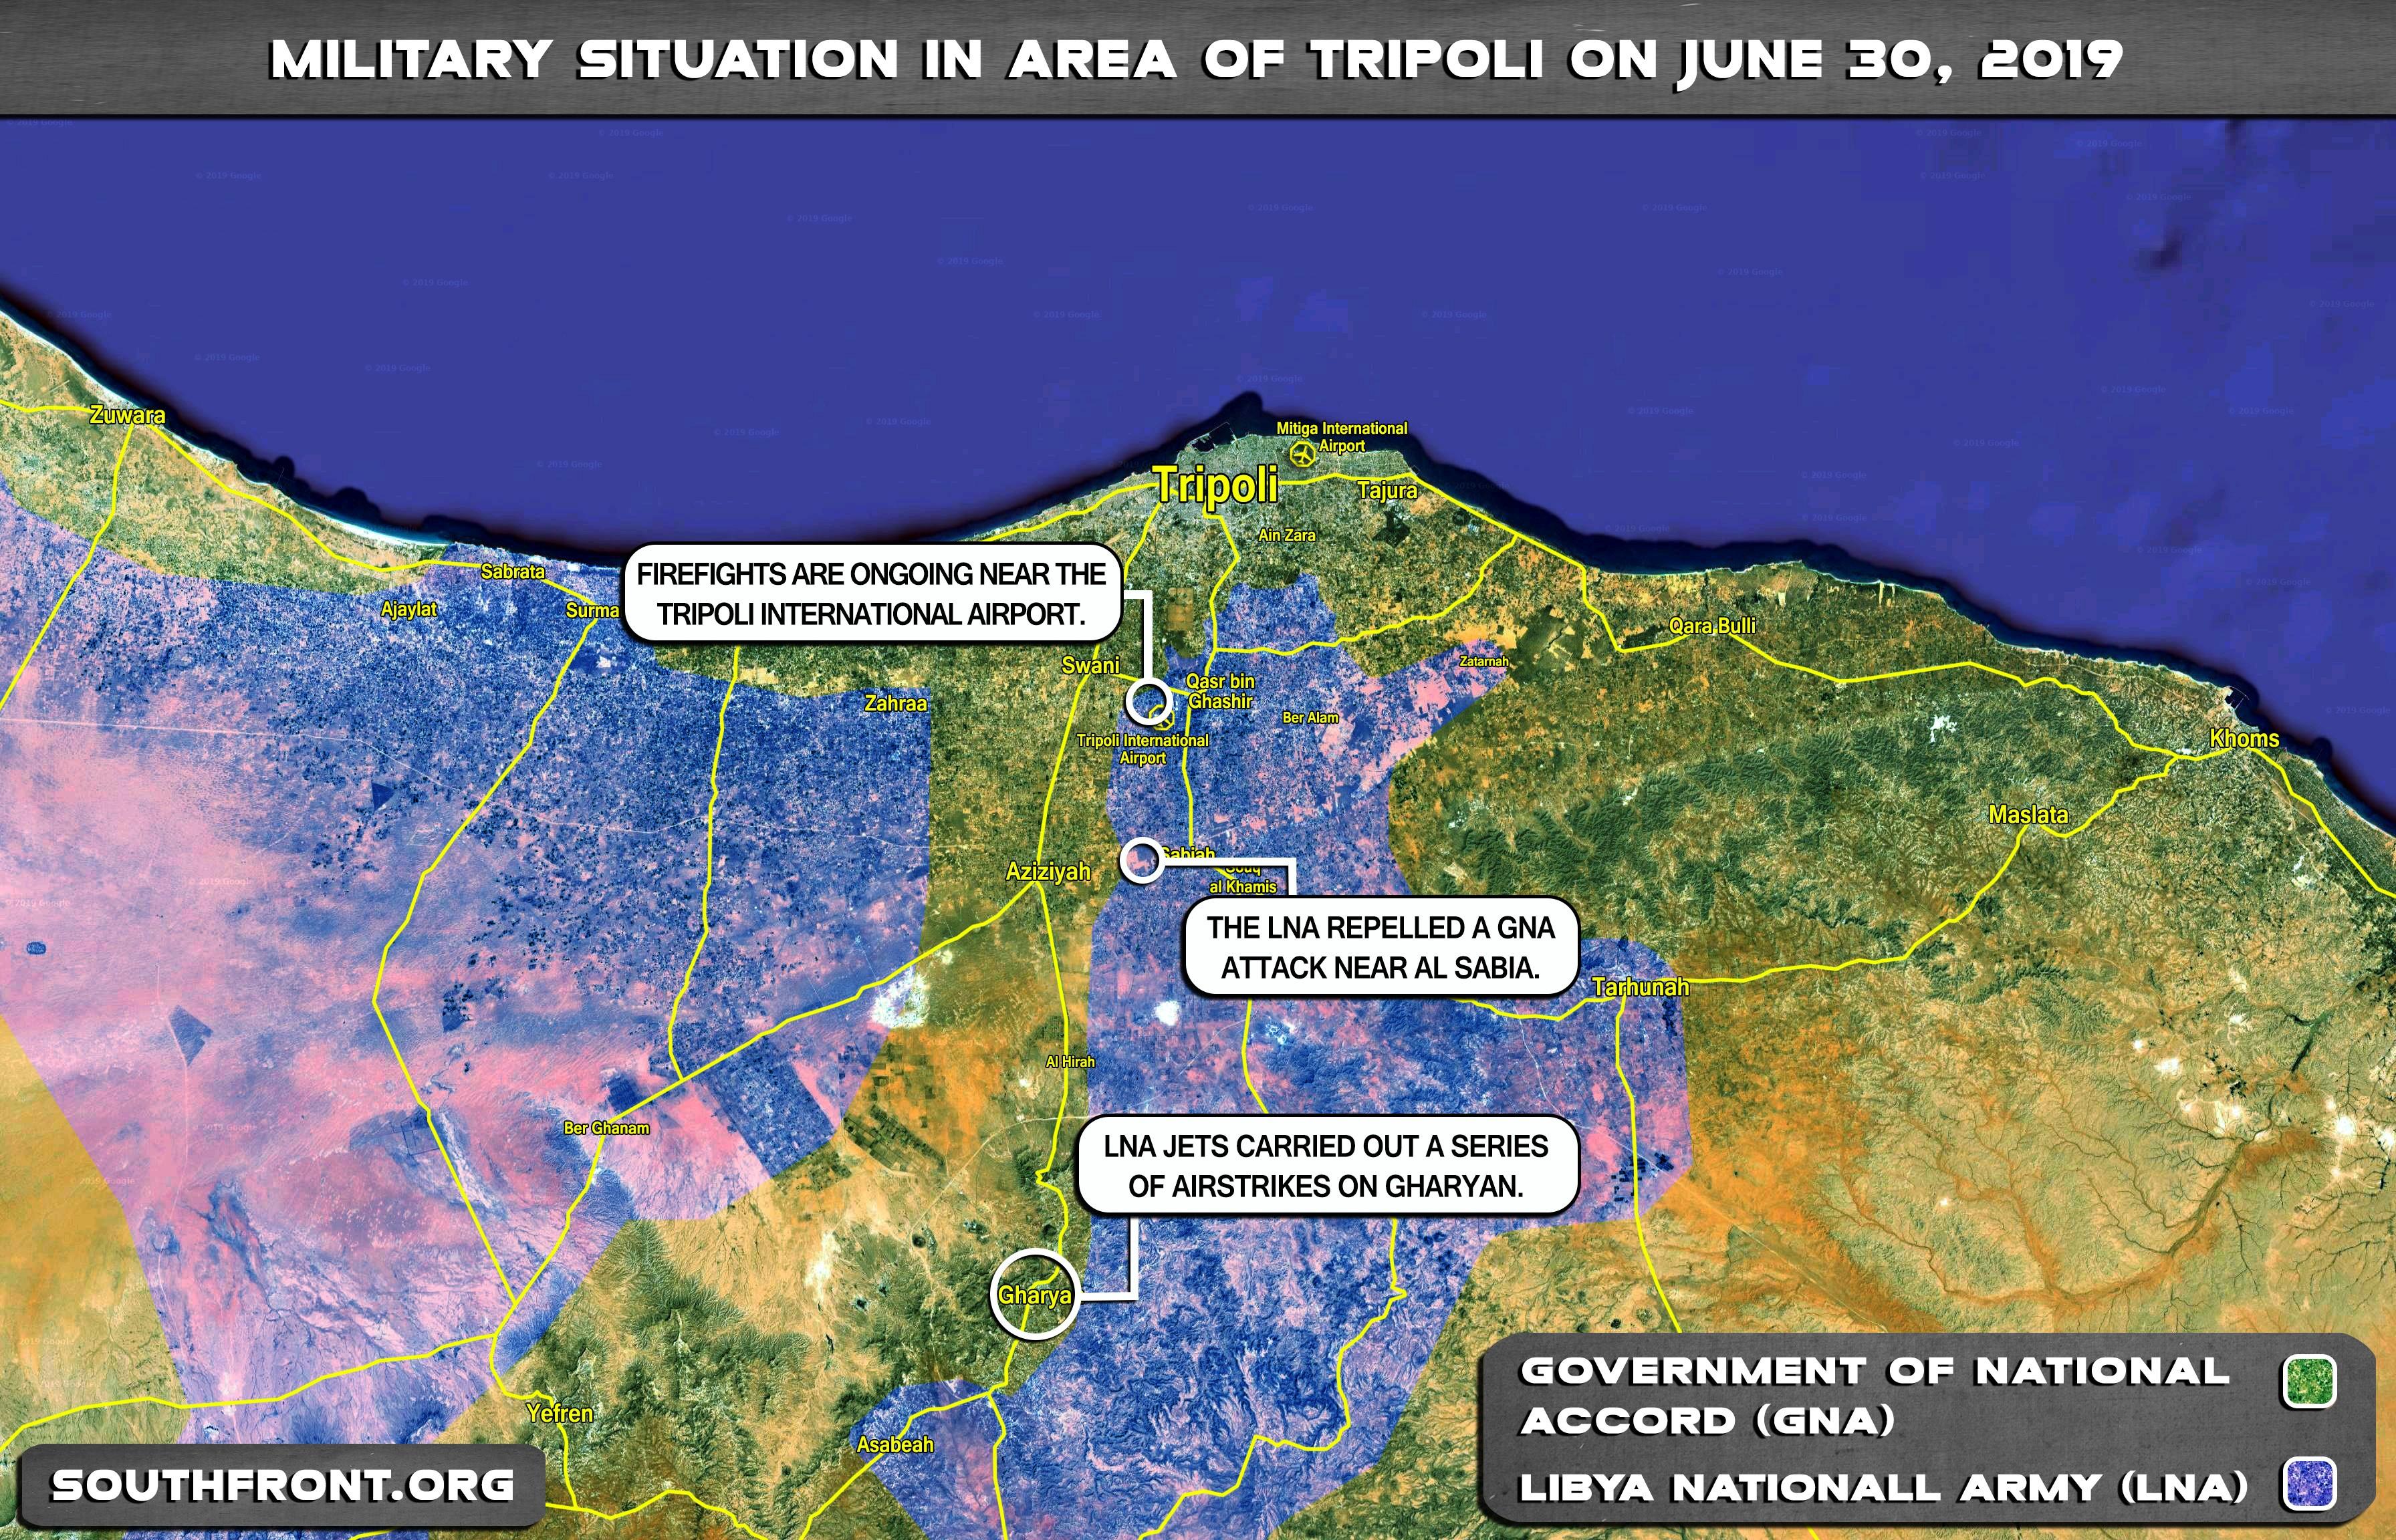 L'Esercito di Haftar in difficoltà contro le forze di Sarraj